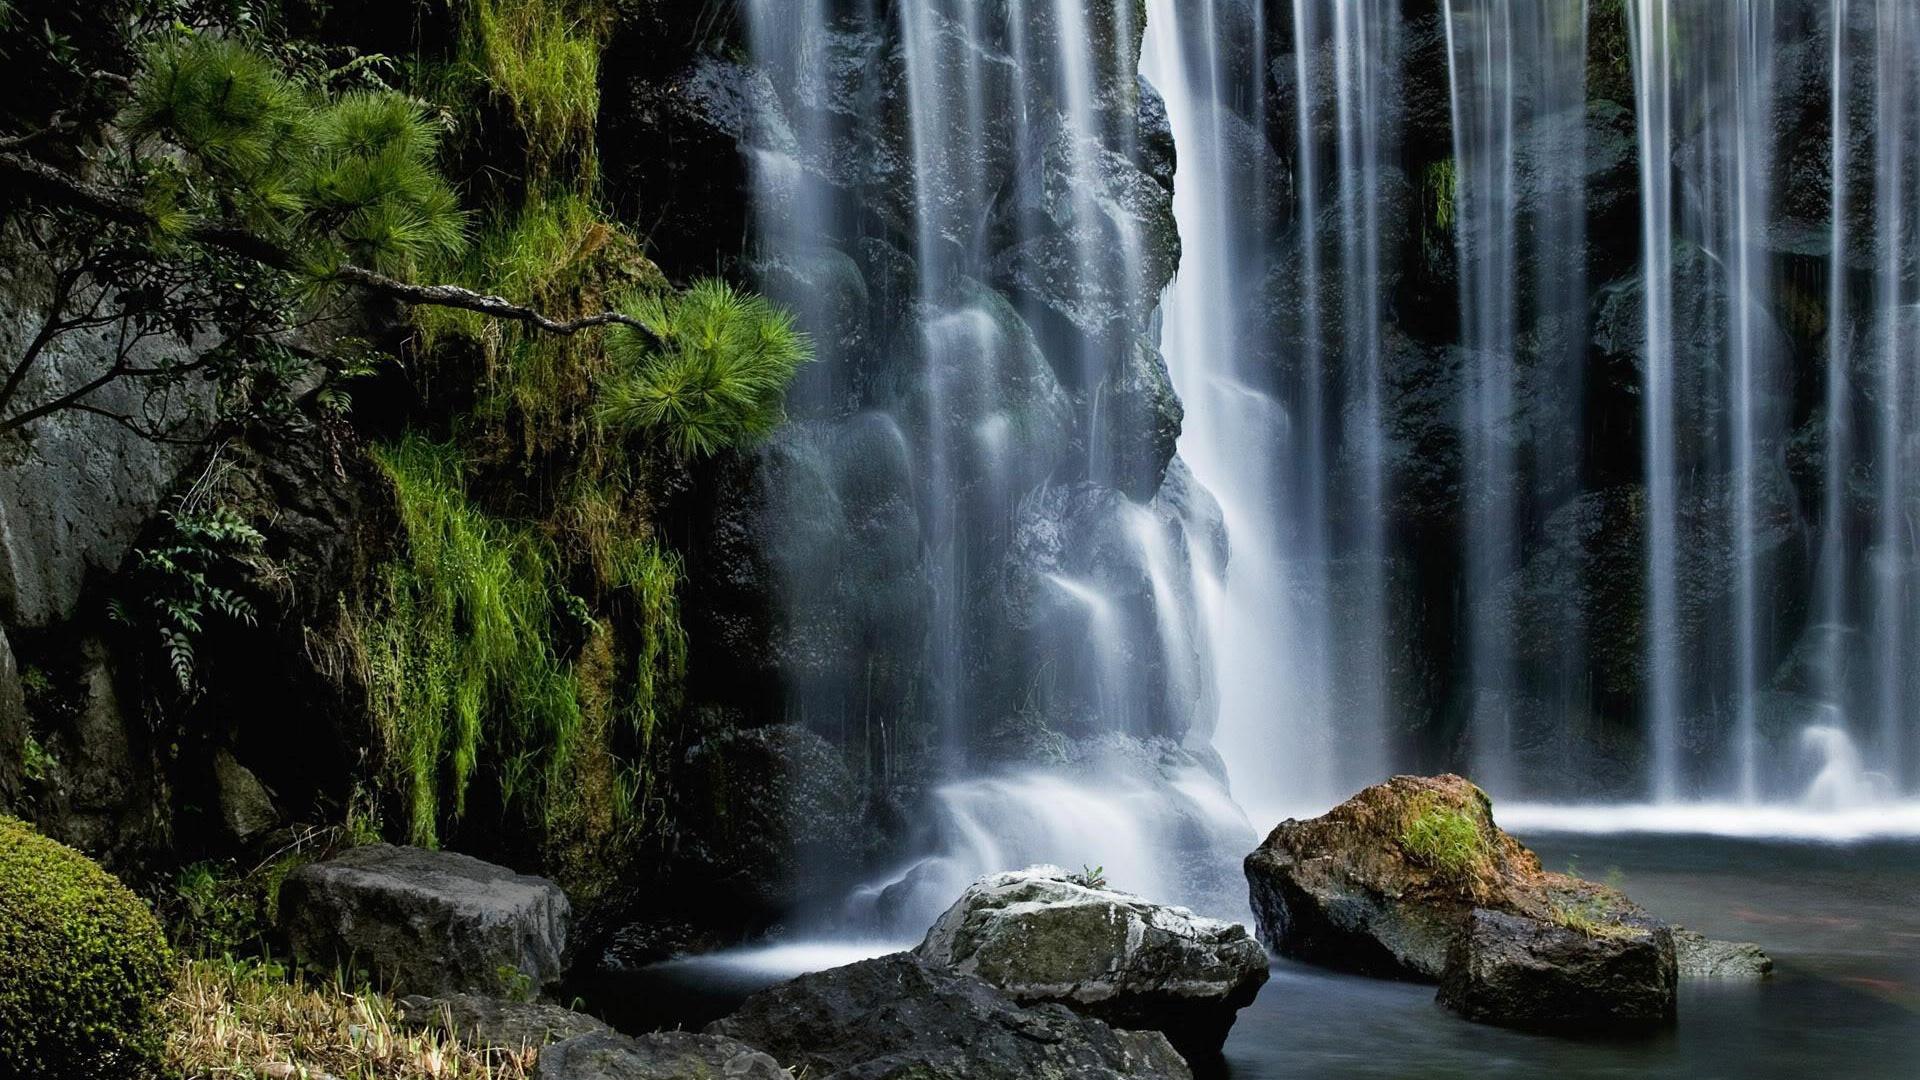 Hình nền thác nước hùng vĩ